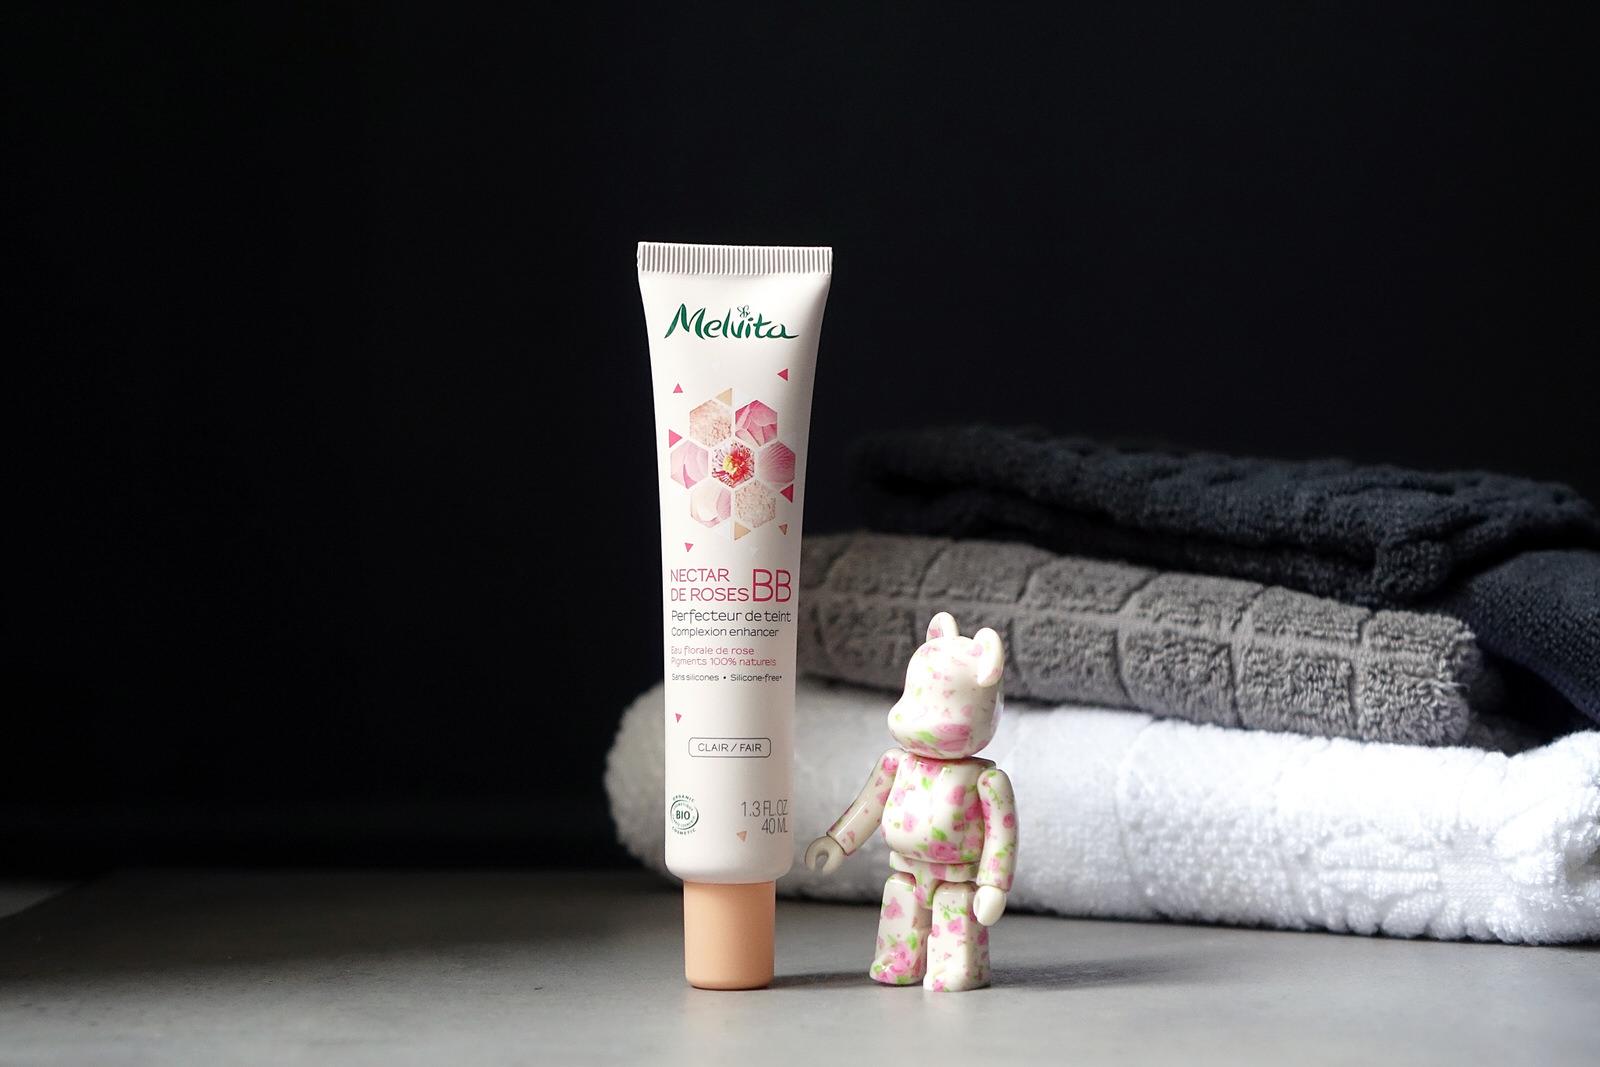 La BB Crème de Melvita - Nectar de roses